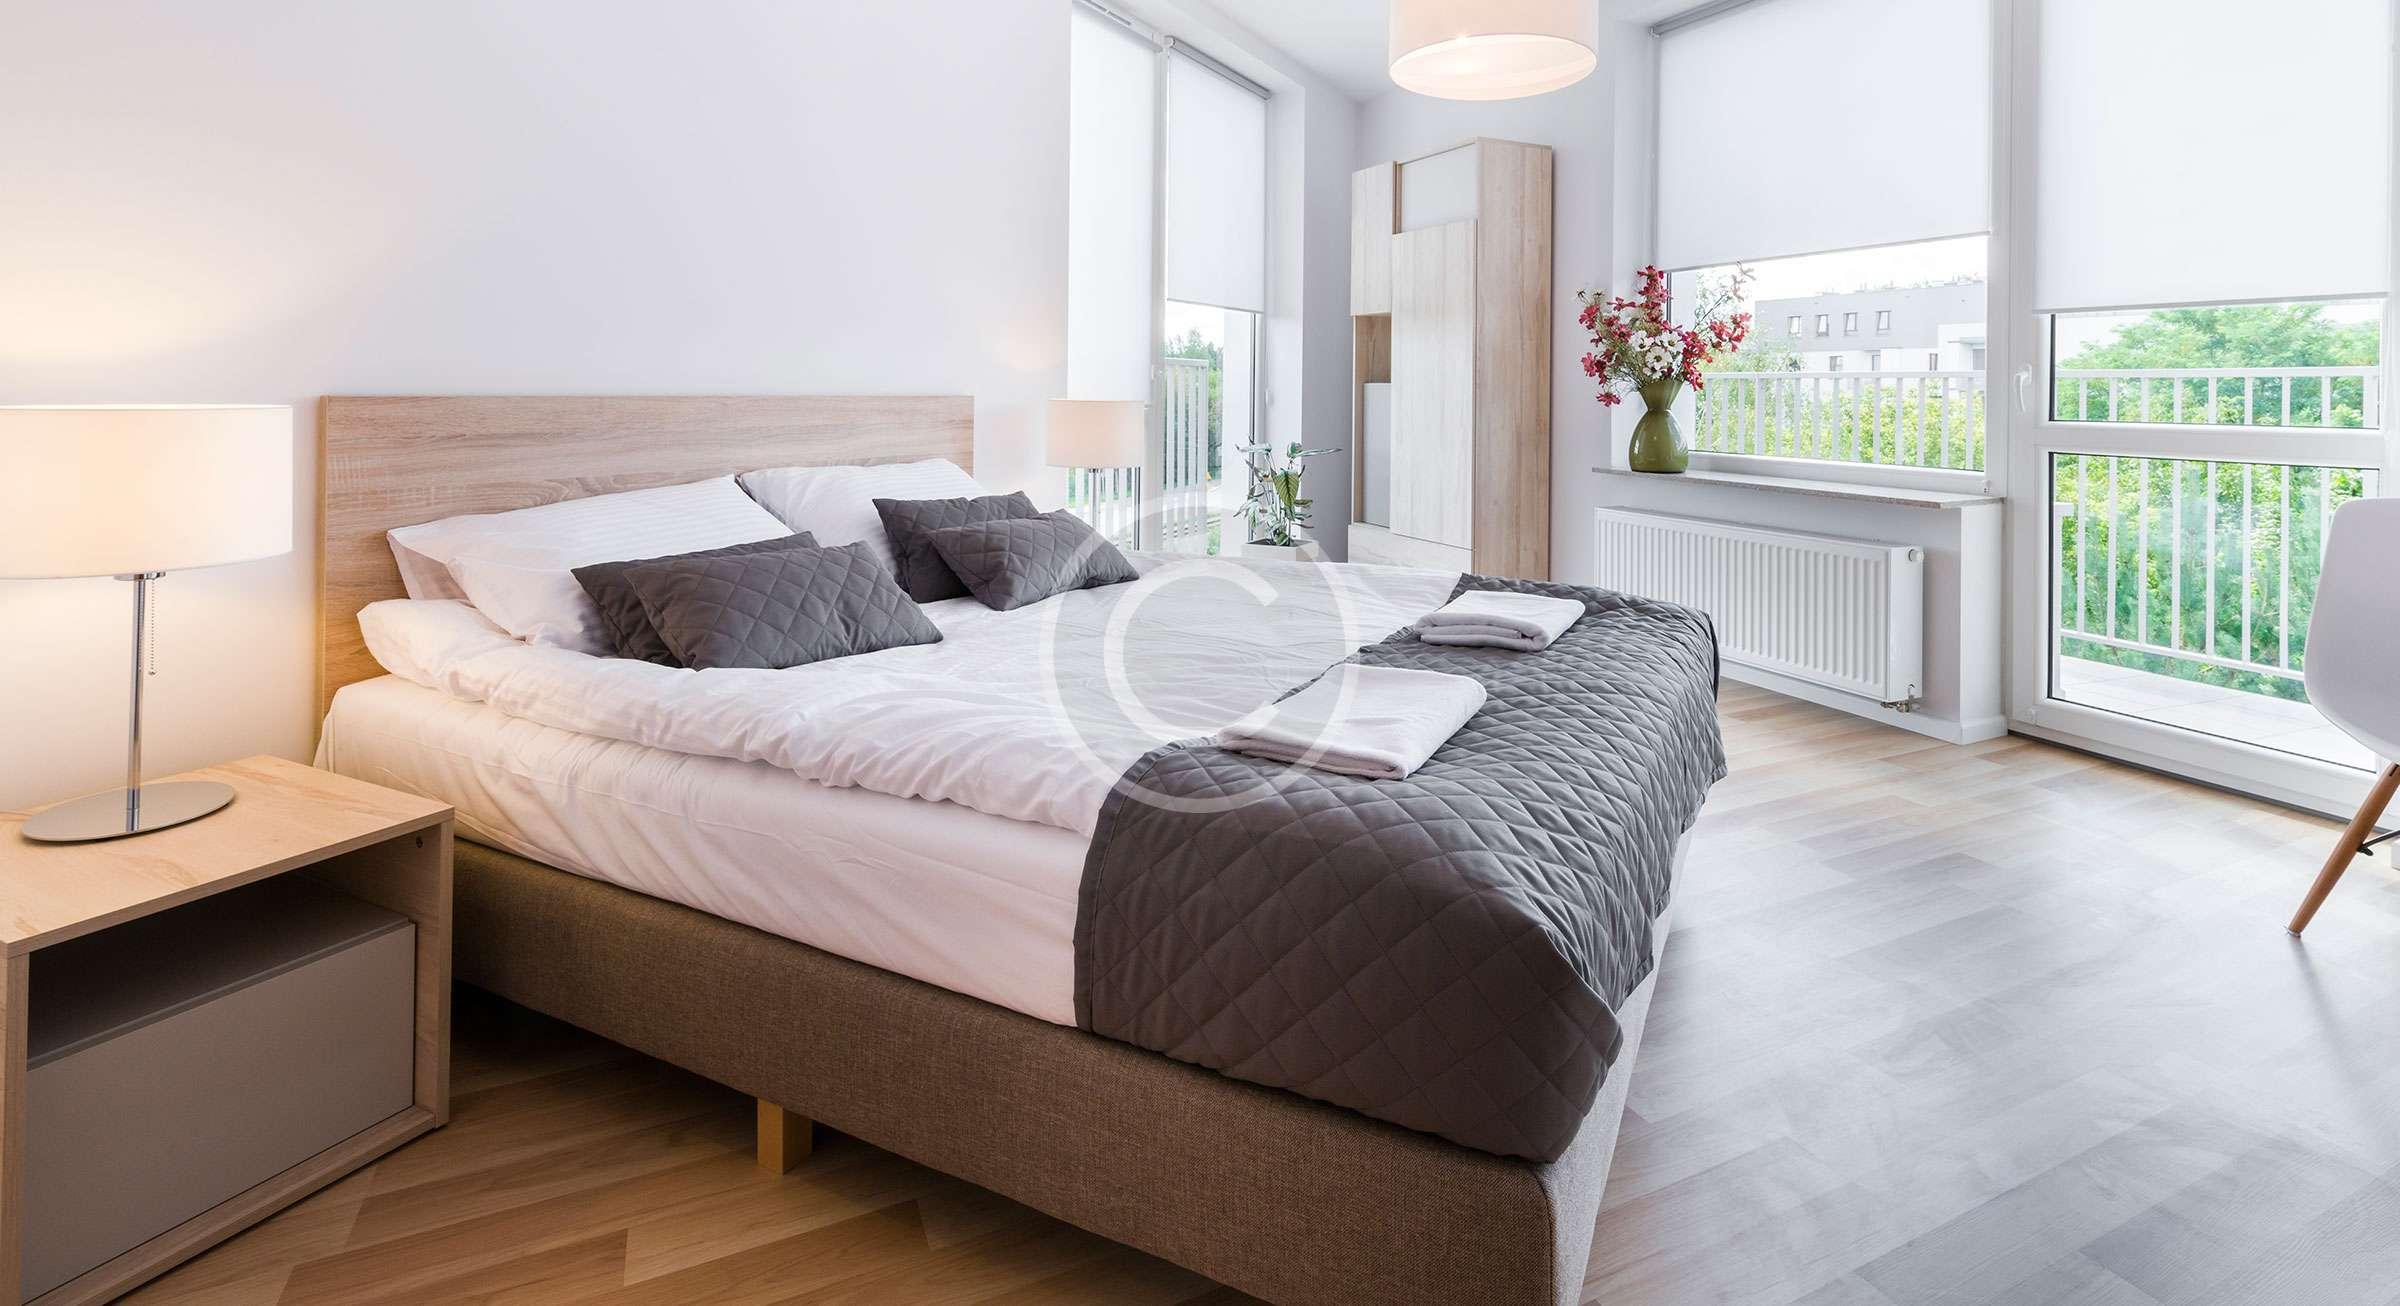 Meublé, chambre d'hôtes : Vous envisagez de mettre votre bien en location ?